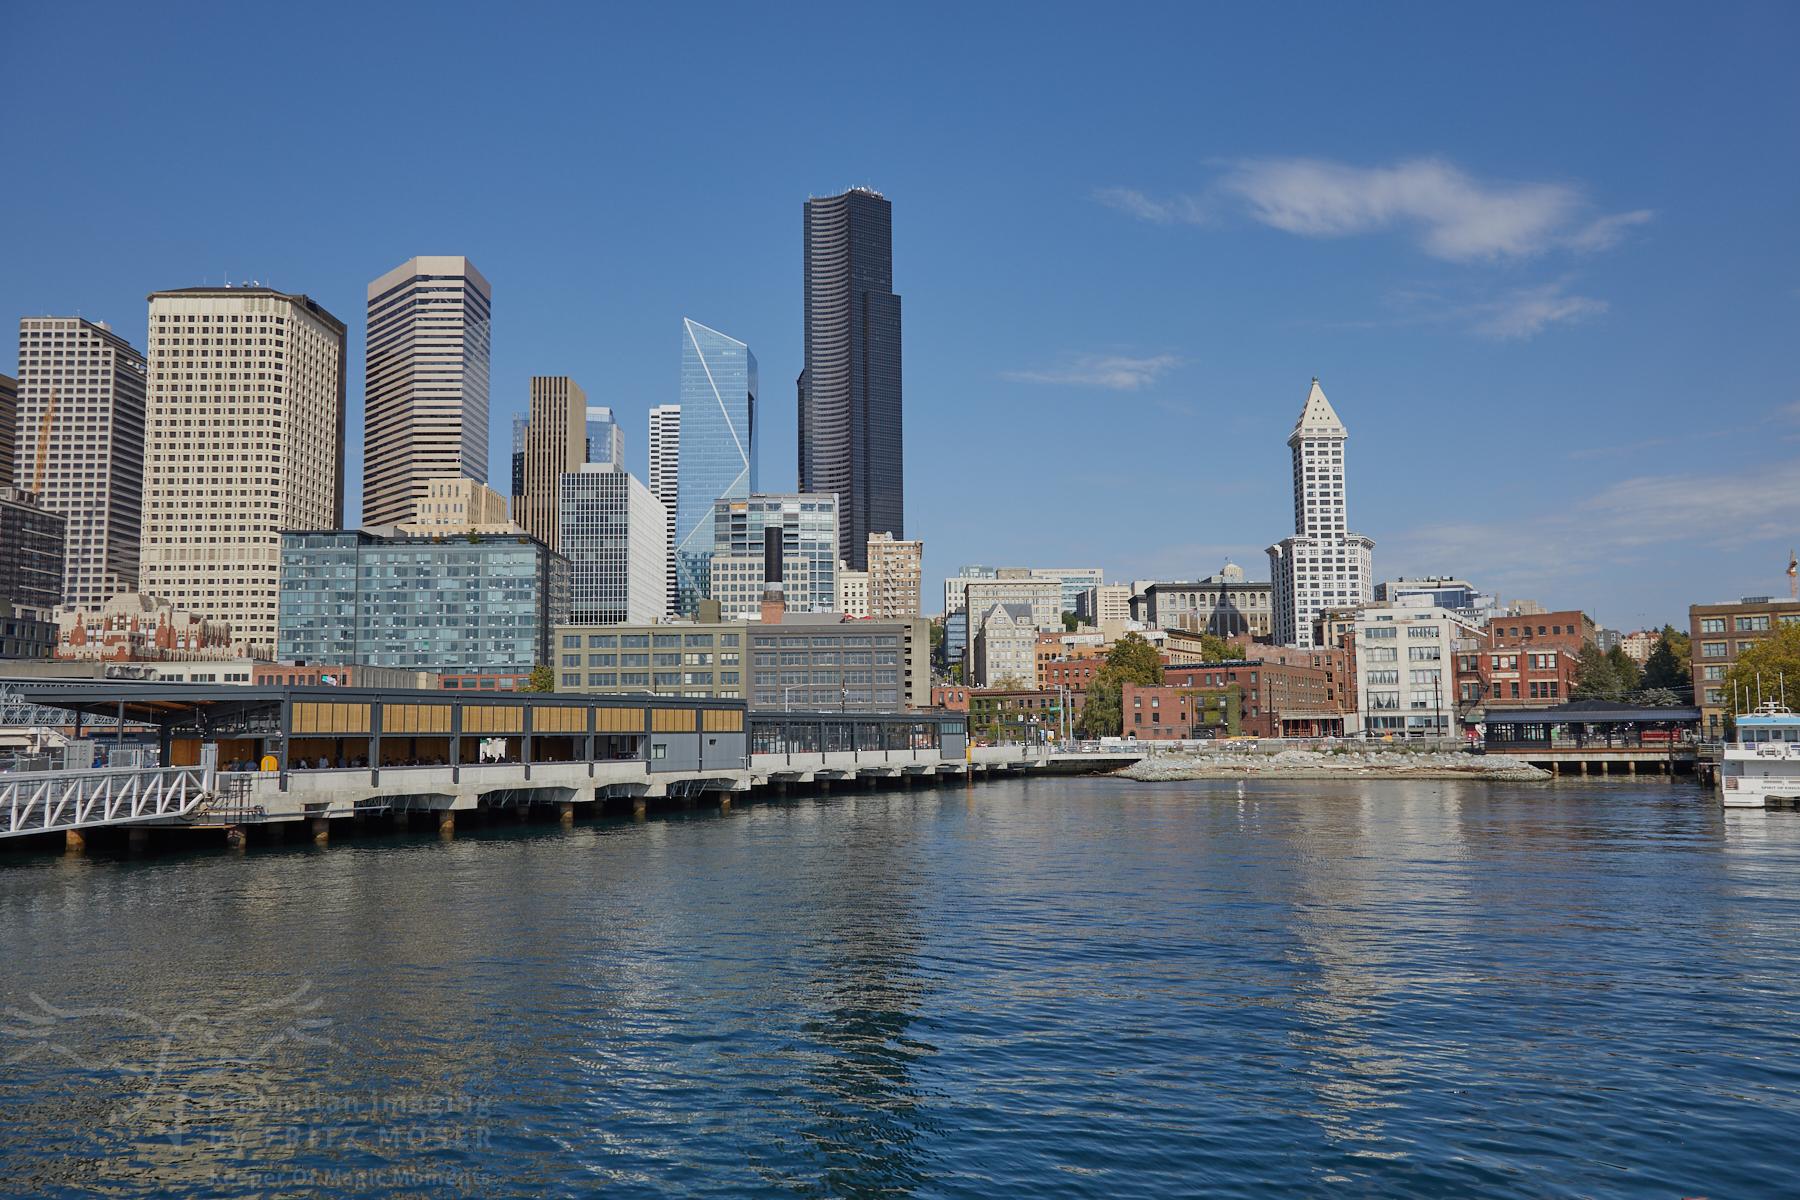 Teil der Seattle Sky Line beim Ablegen des Wassertaxi